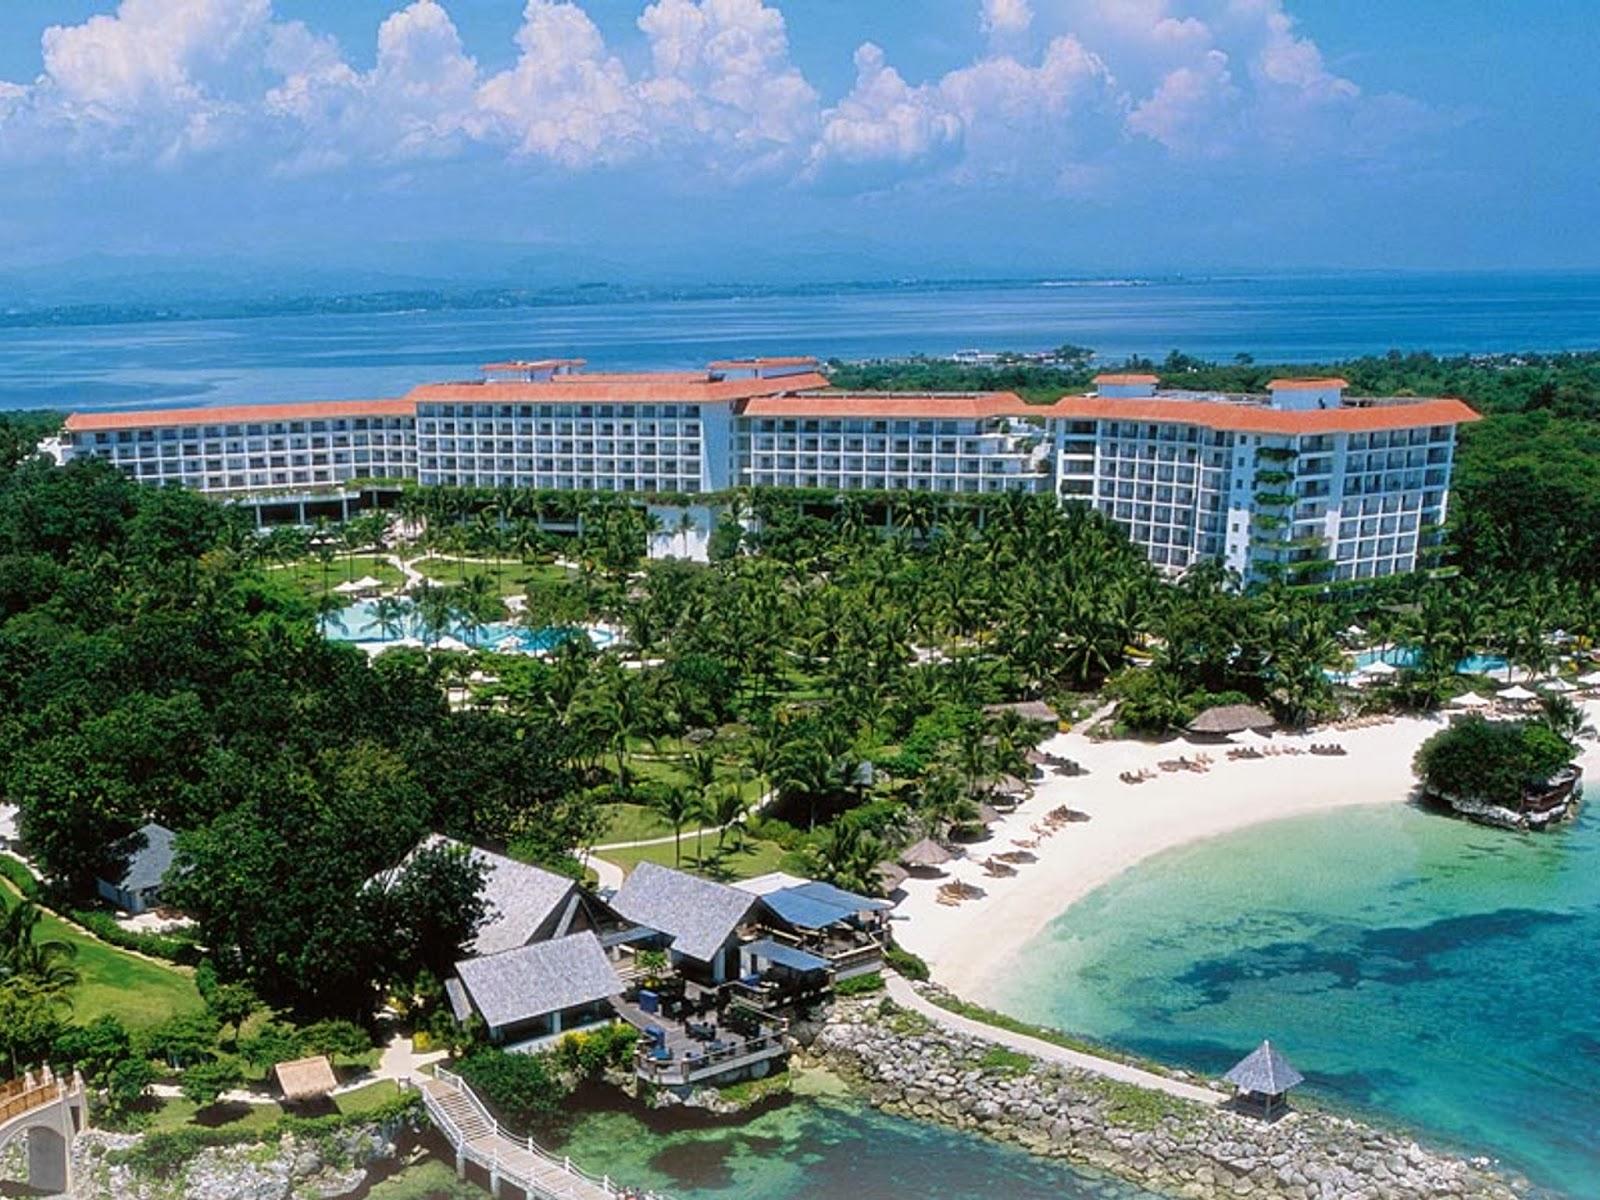 Shangrila Hotel Cebu Cebu Luxury Hotels 5 Star Hotels Cebu